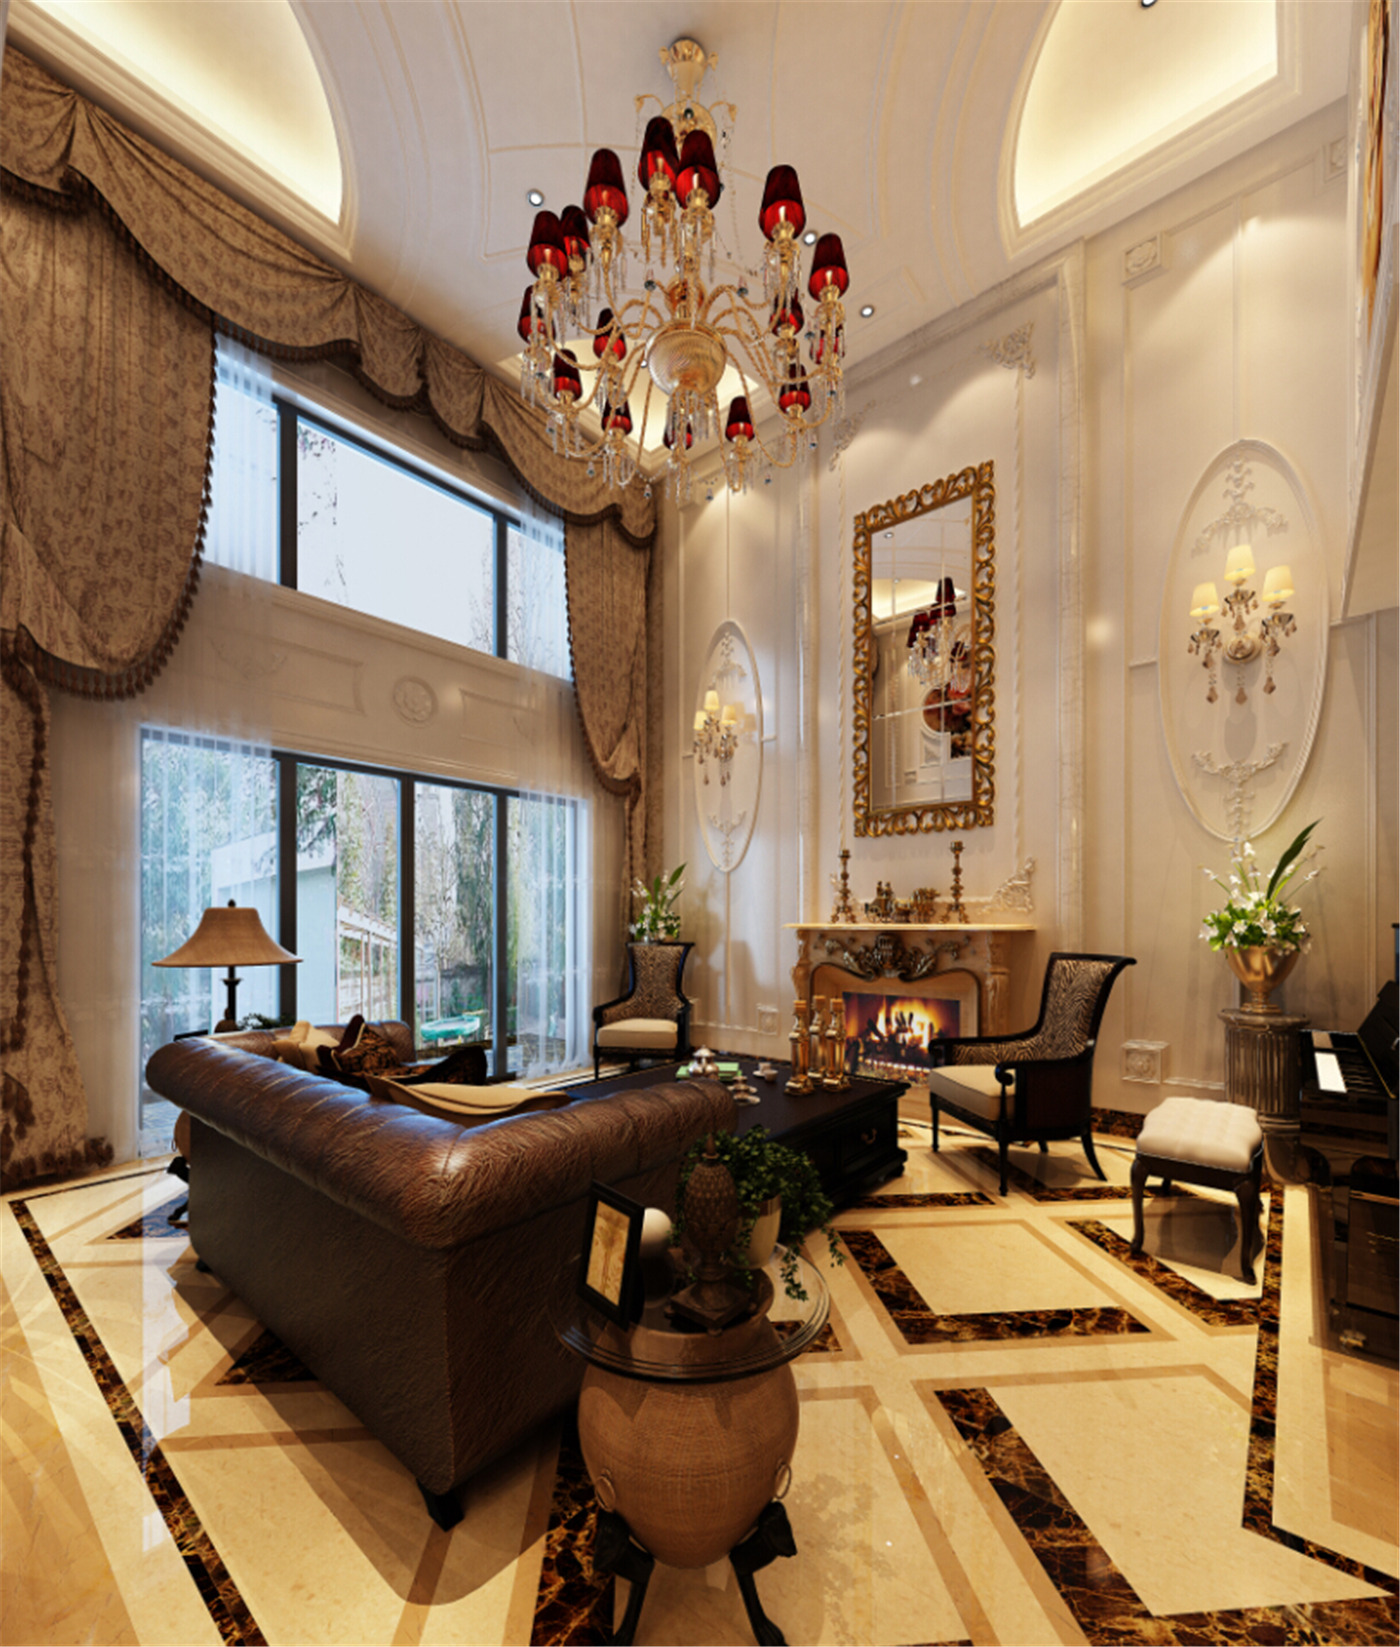 保利叶城 别墅装修 别墅设计 现代风格 腾龙设计 客厅图片来自腾龙设计在保利叶城121号别墅装修设计案例的分享